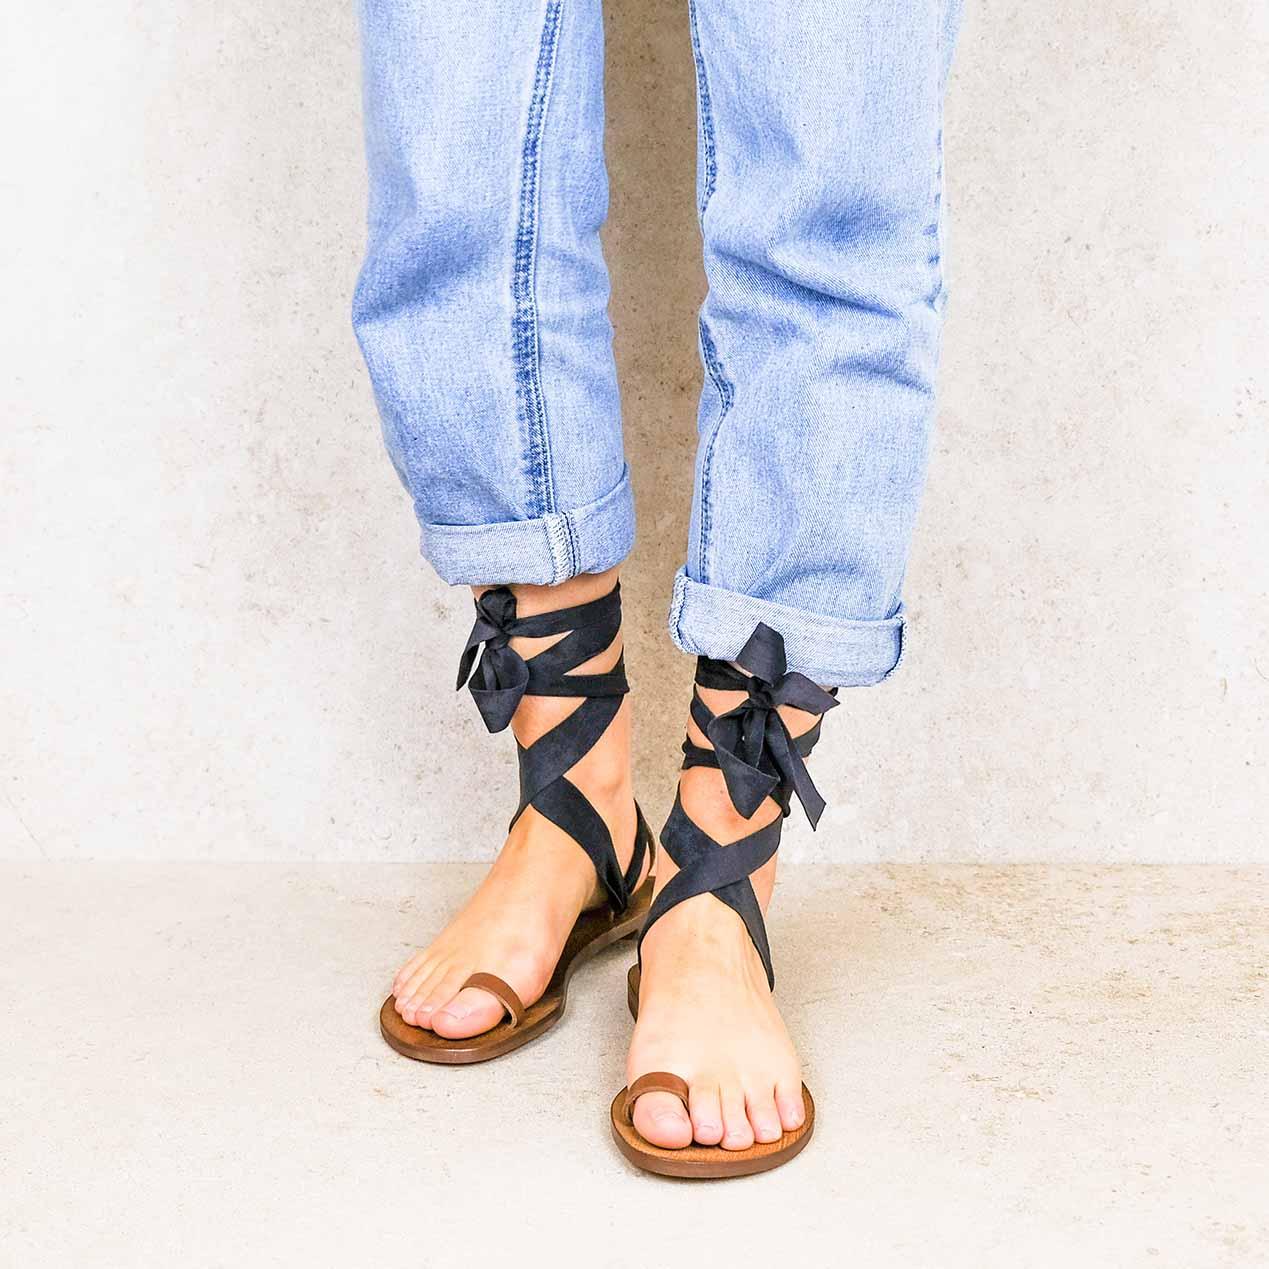 Carmen-lintsandalen sandals travelsandals vegan sustainable sandals wikkelsandalen.jpg